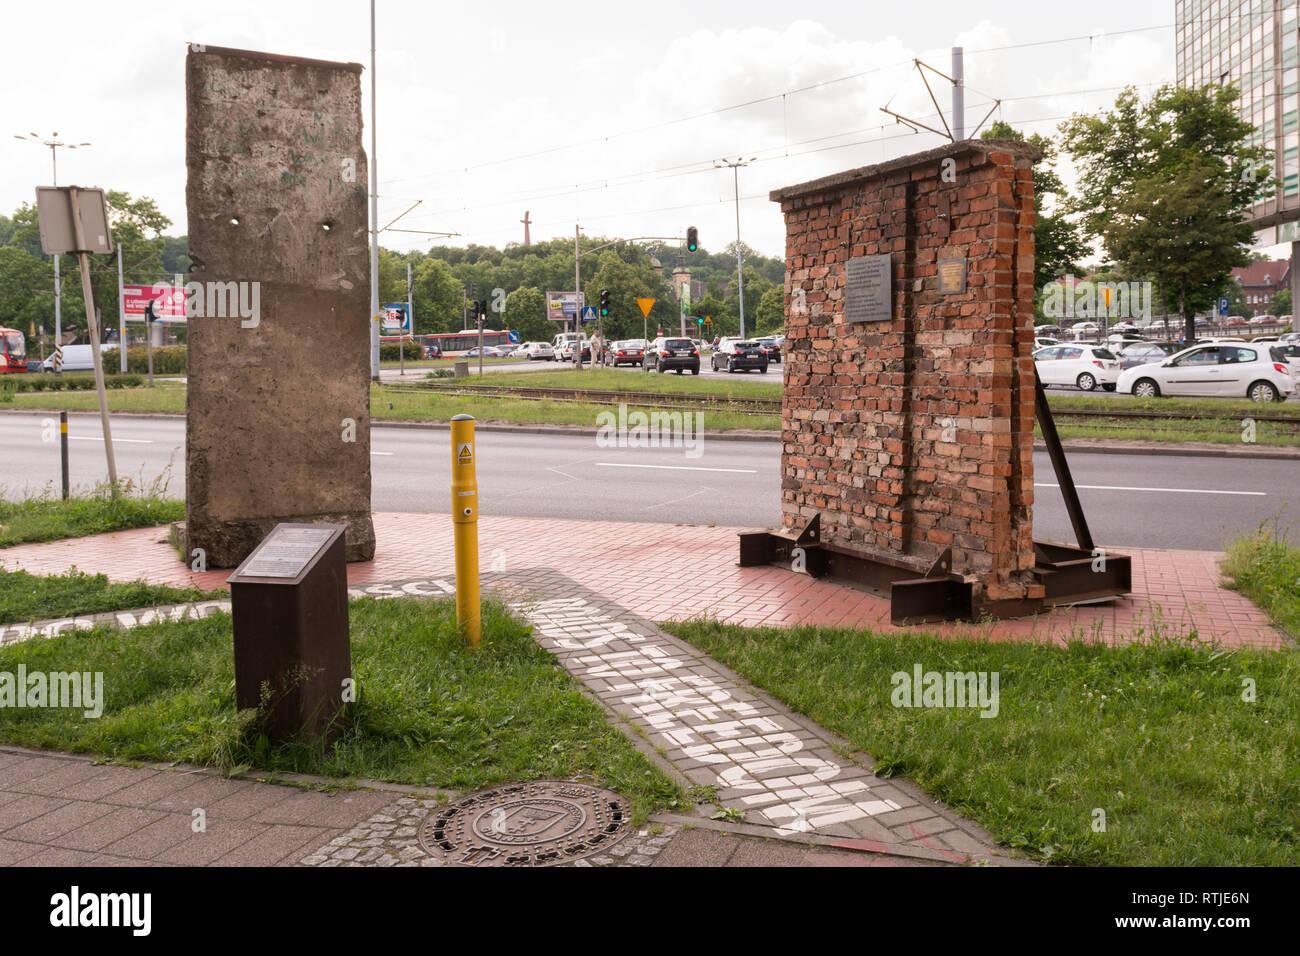 Strade di Danzica alla libertà - i pezzi del muro di Berlino e il Cantiere di Danzica parete sul display, Gdansk, Polonia, Europa Immagini Stock